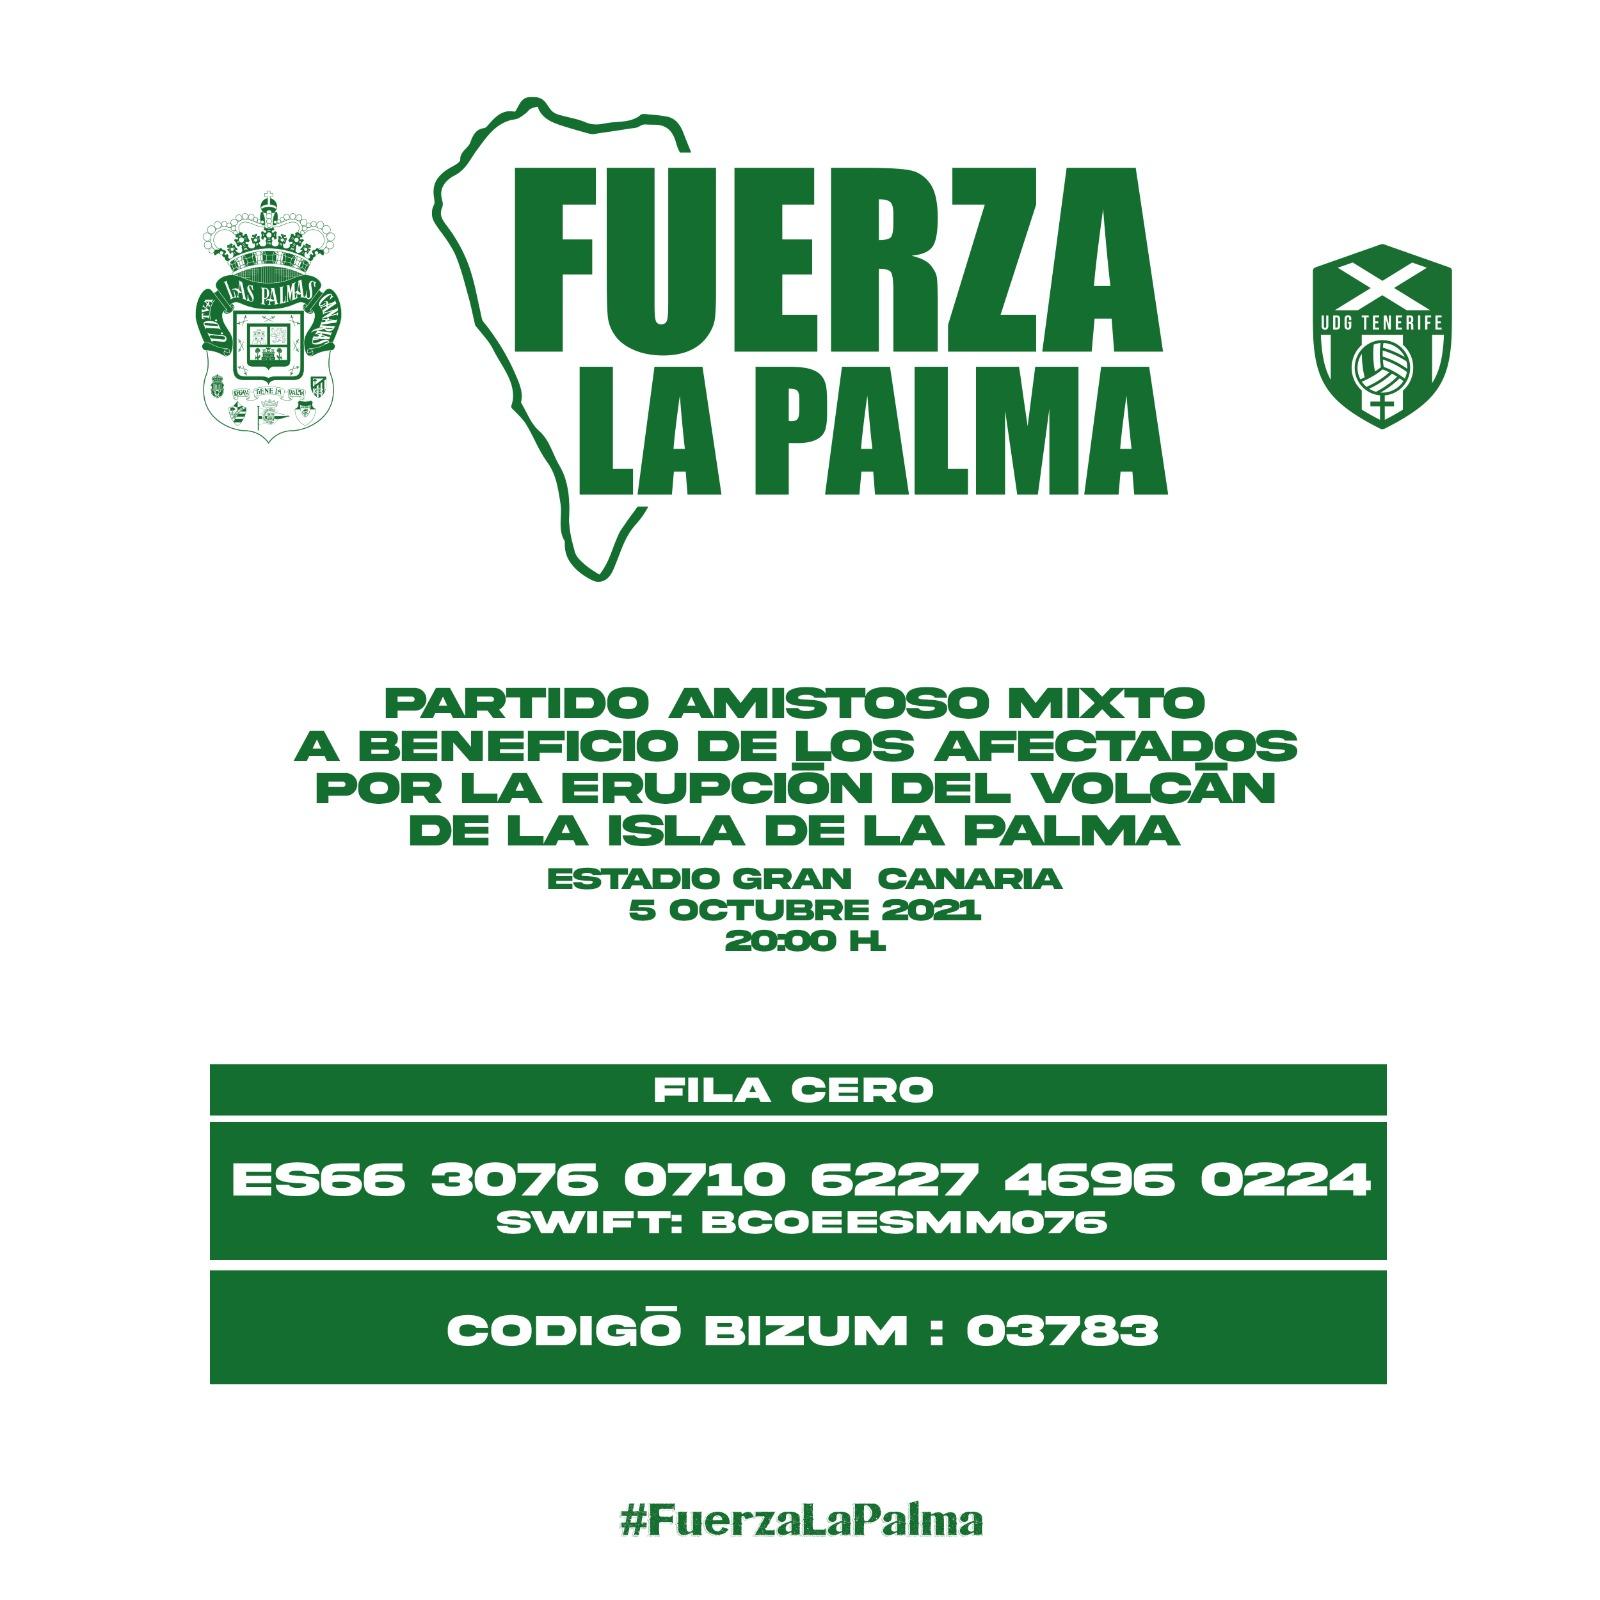 El partido más especial por y para La Palma